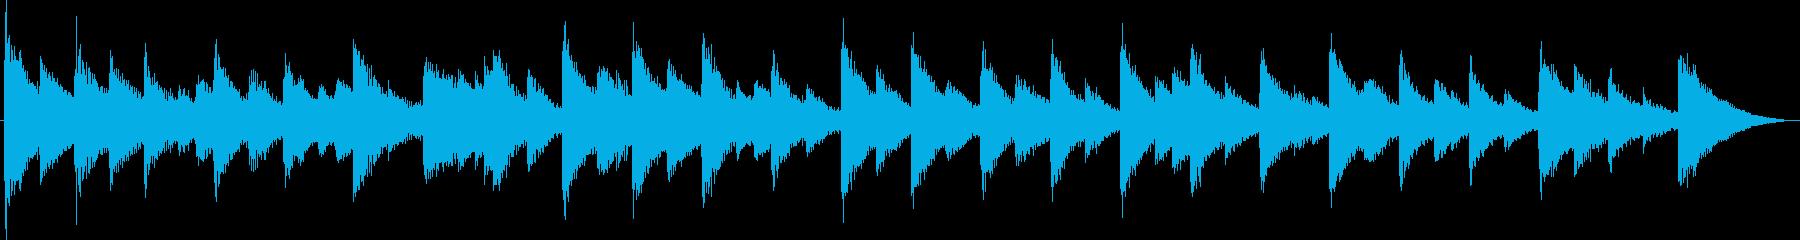 恐怖の鐘・不協和音・ホラーの再生済みの波形